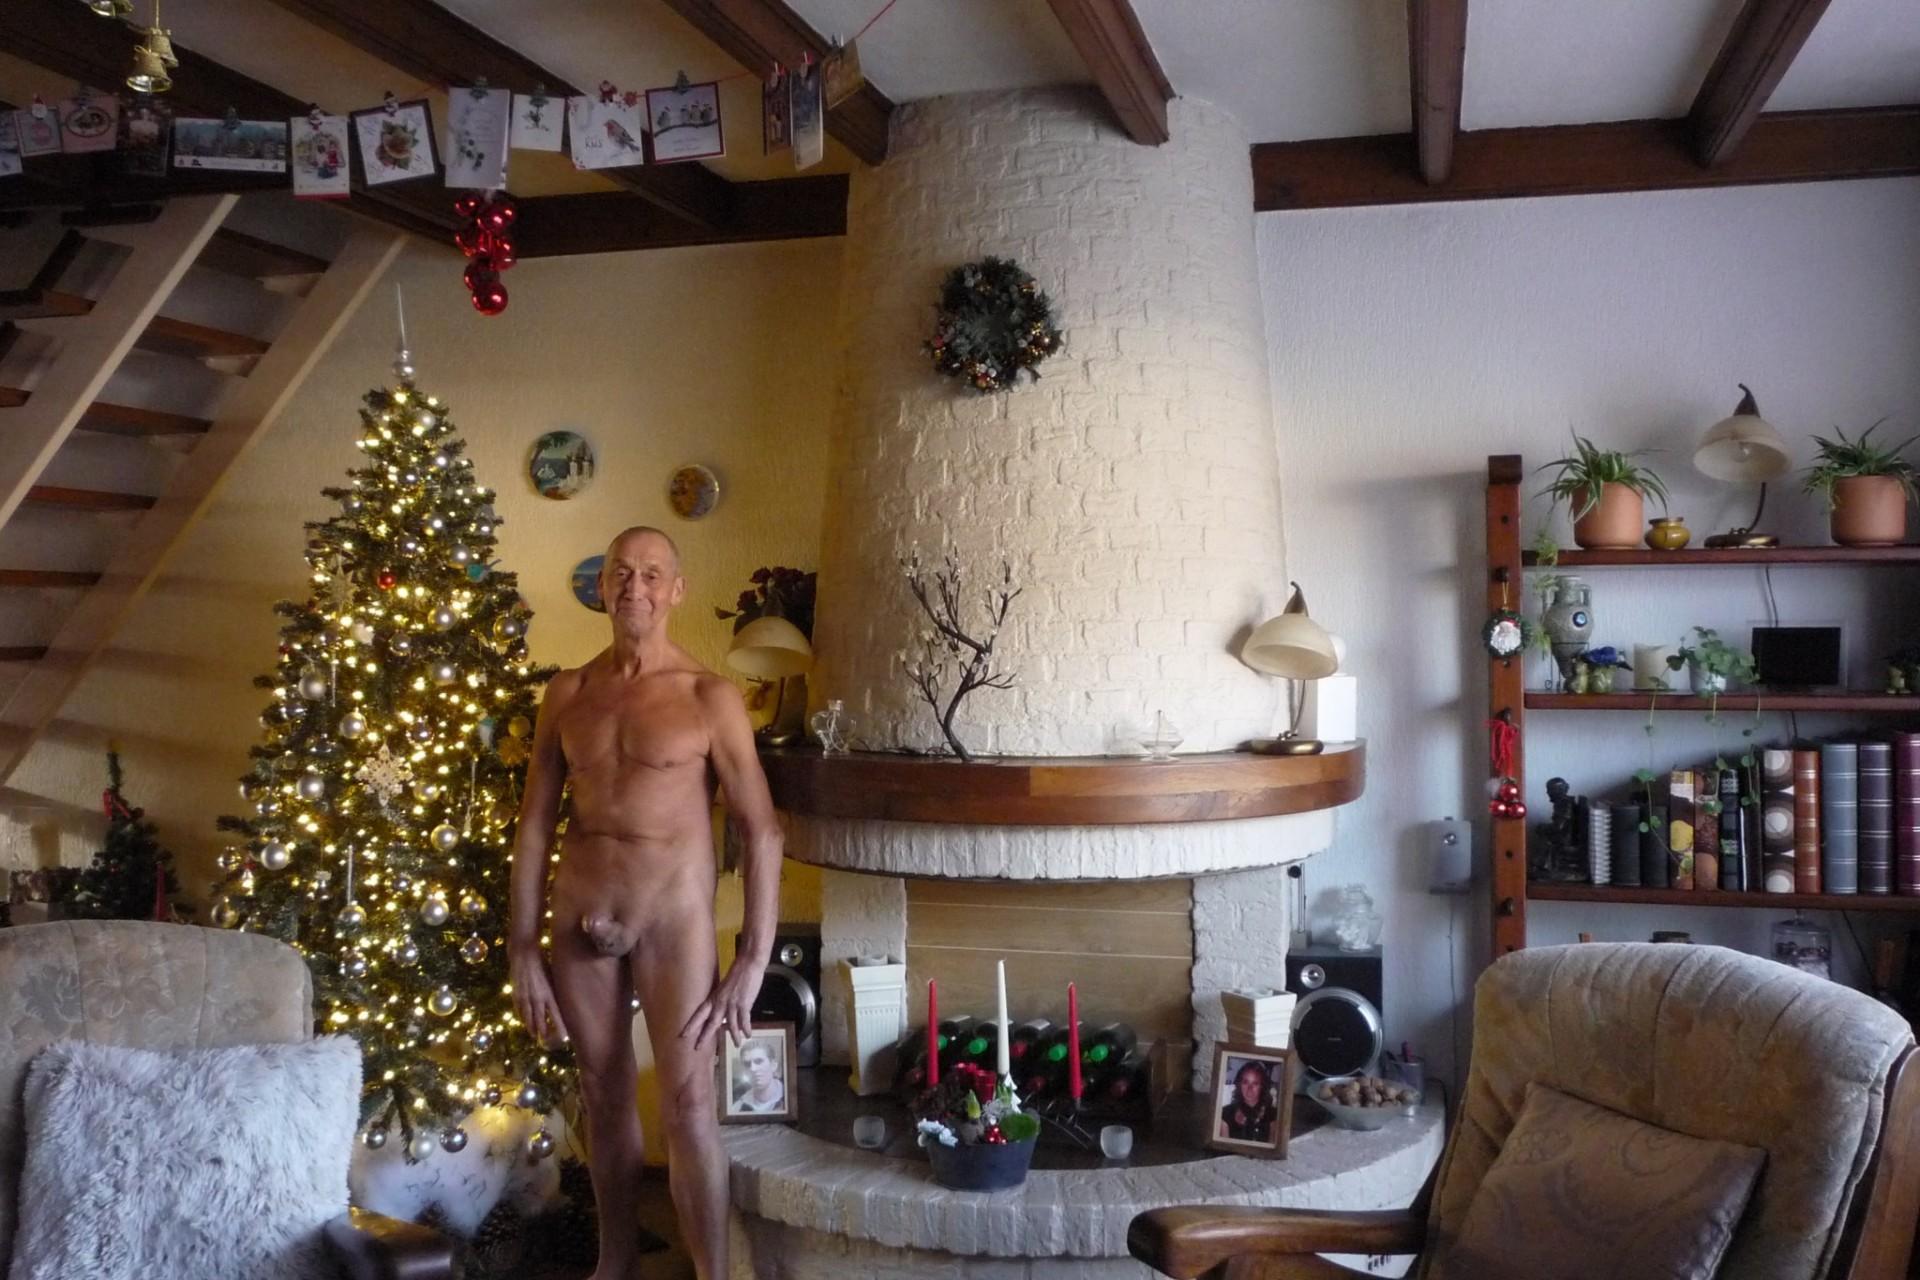 28-12-2020-sta-met-een-stijve-langs-de-kerstboom